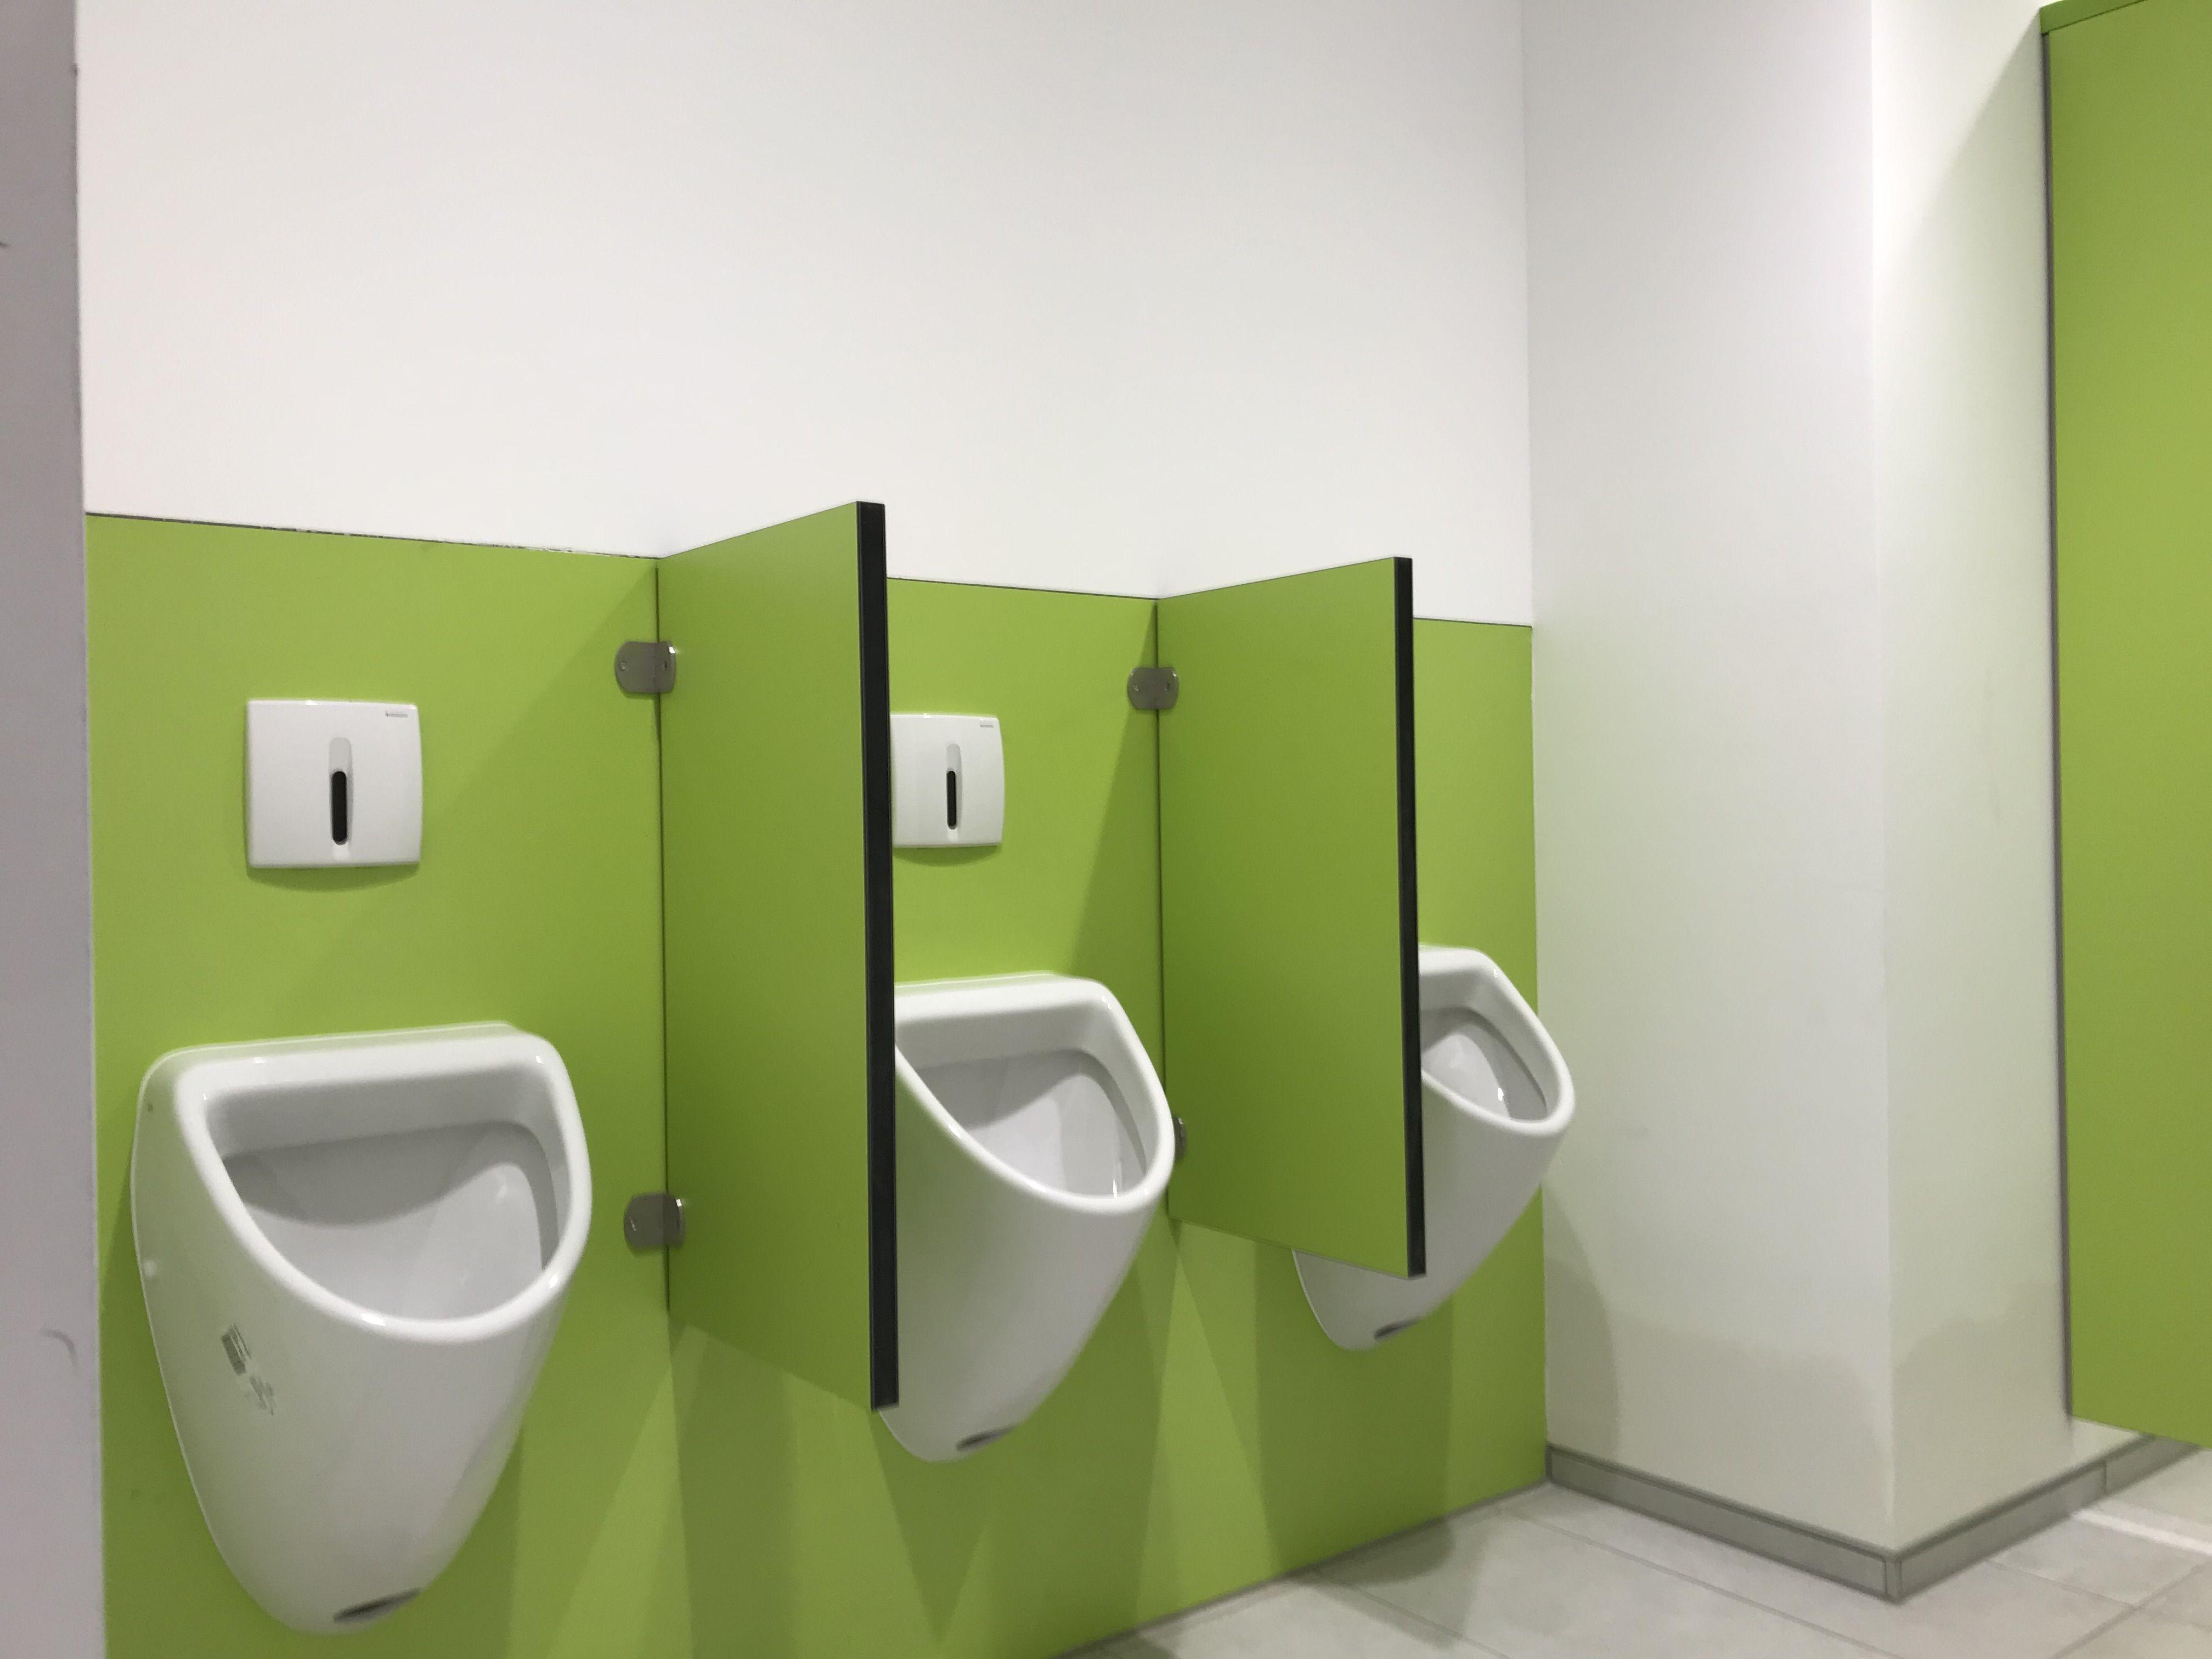 Urinalbereich Mit Schamwand Und Farblich Passender Hpl Wandverkleidung Urinale Verwaltungsgebaude Wandverkleidung